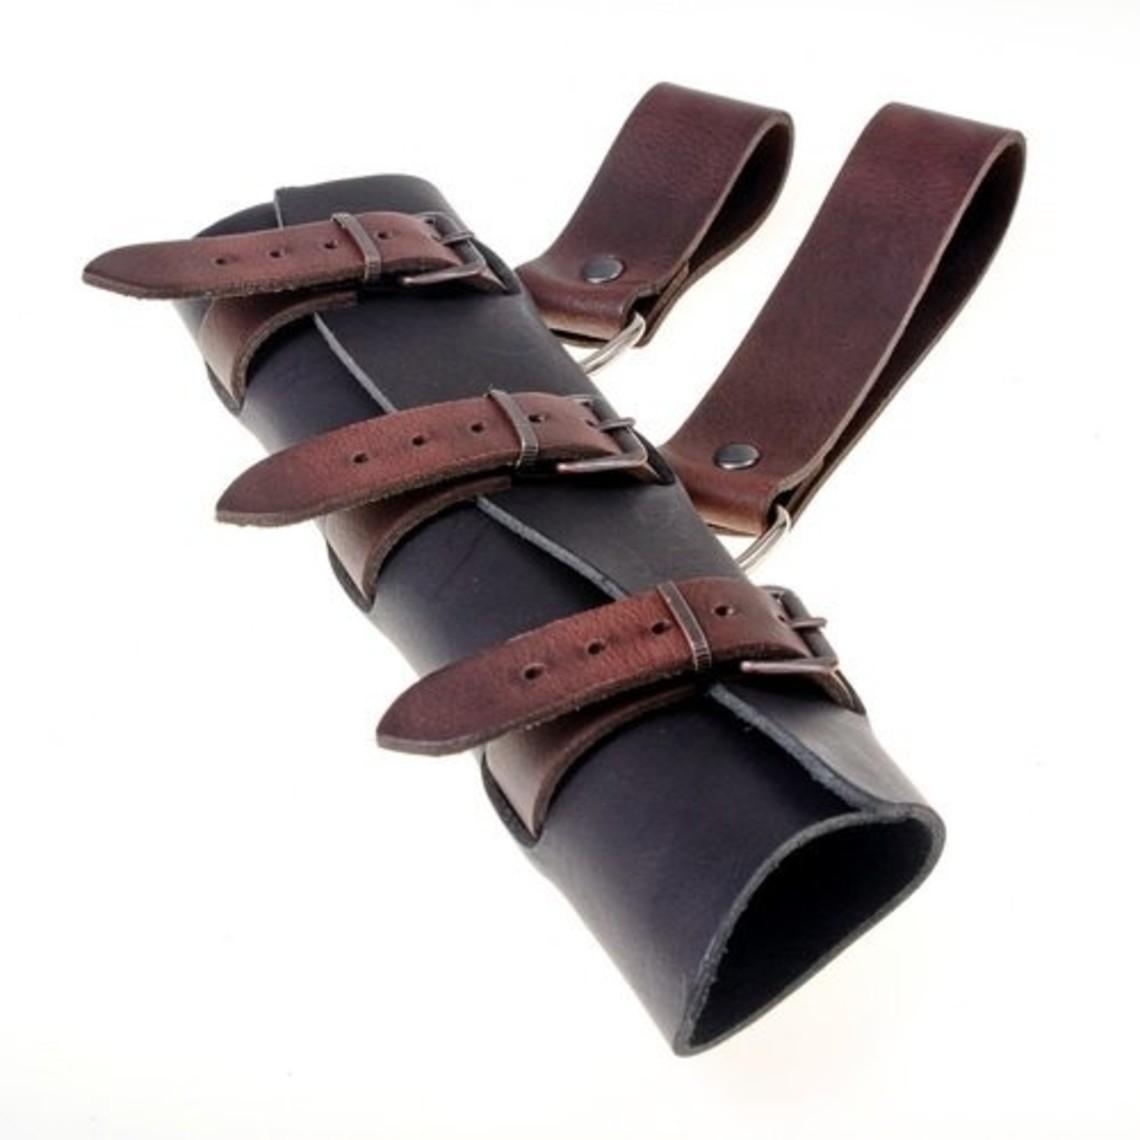 titular de la espada de cuero de lujo, de color marrón-negro, largo